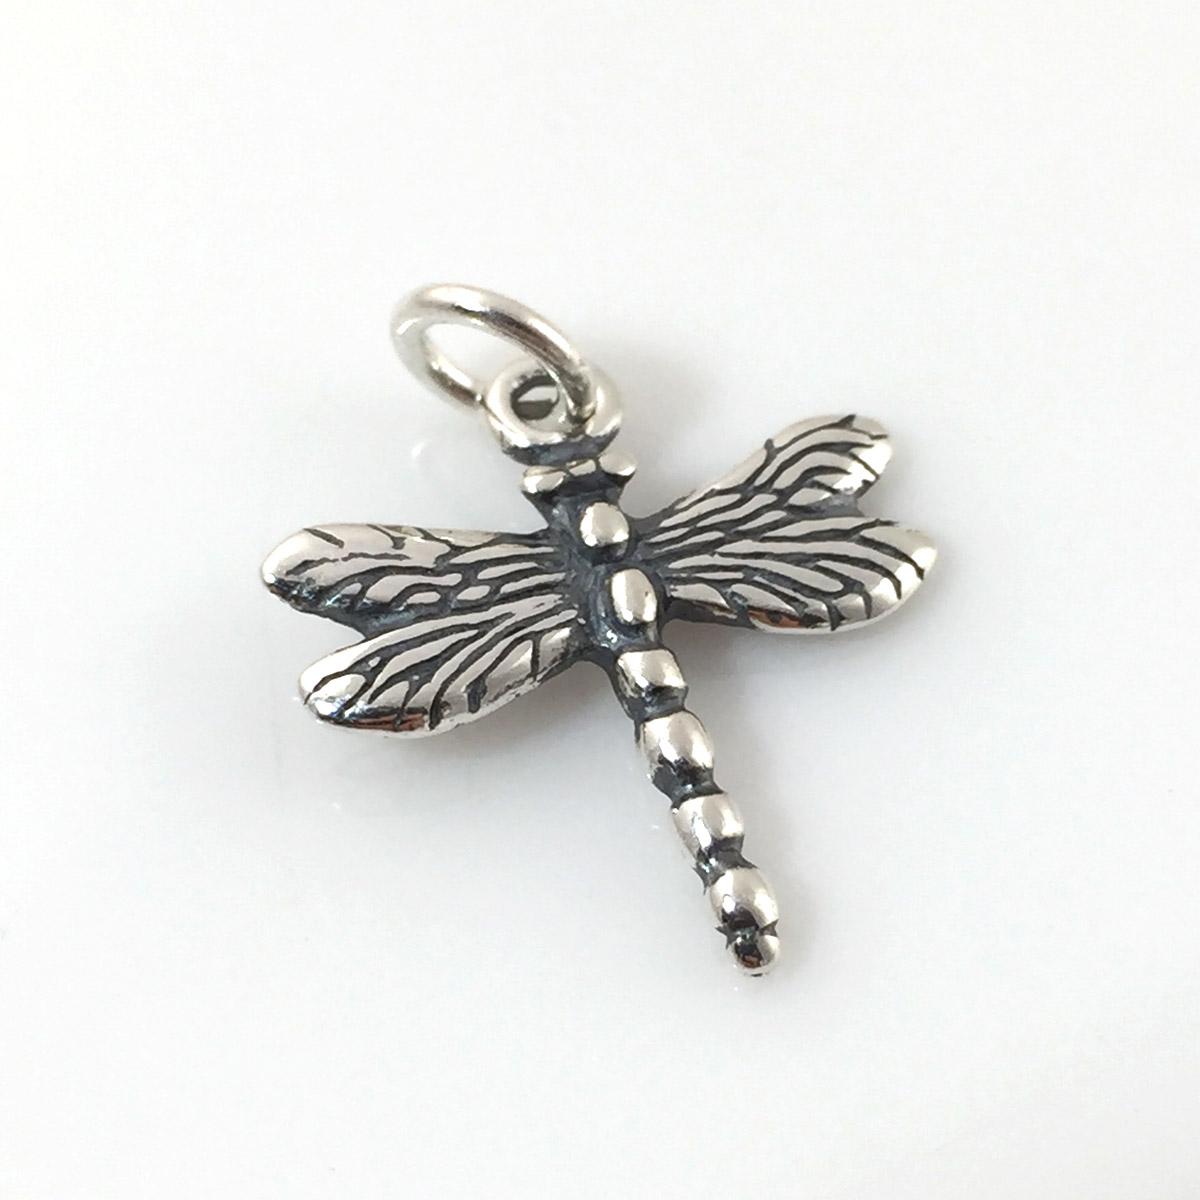 Add a Dragonfly Charm